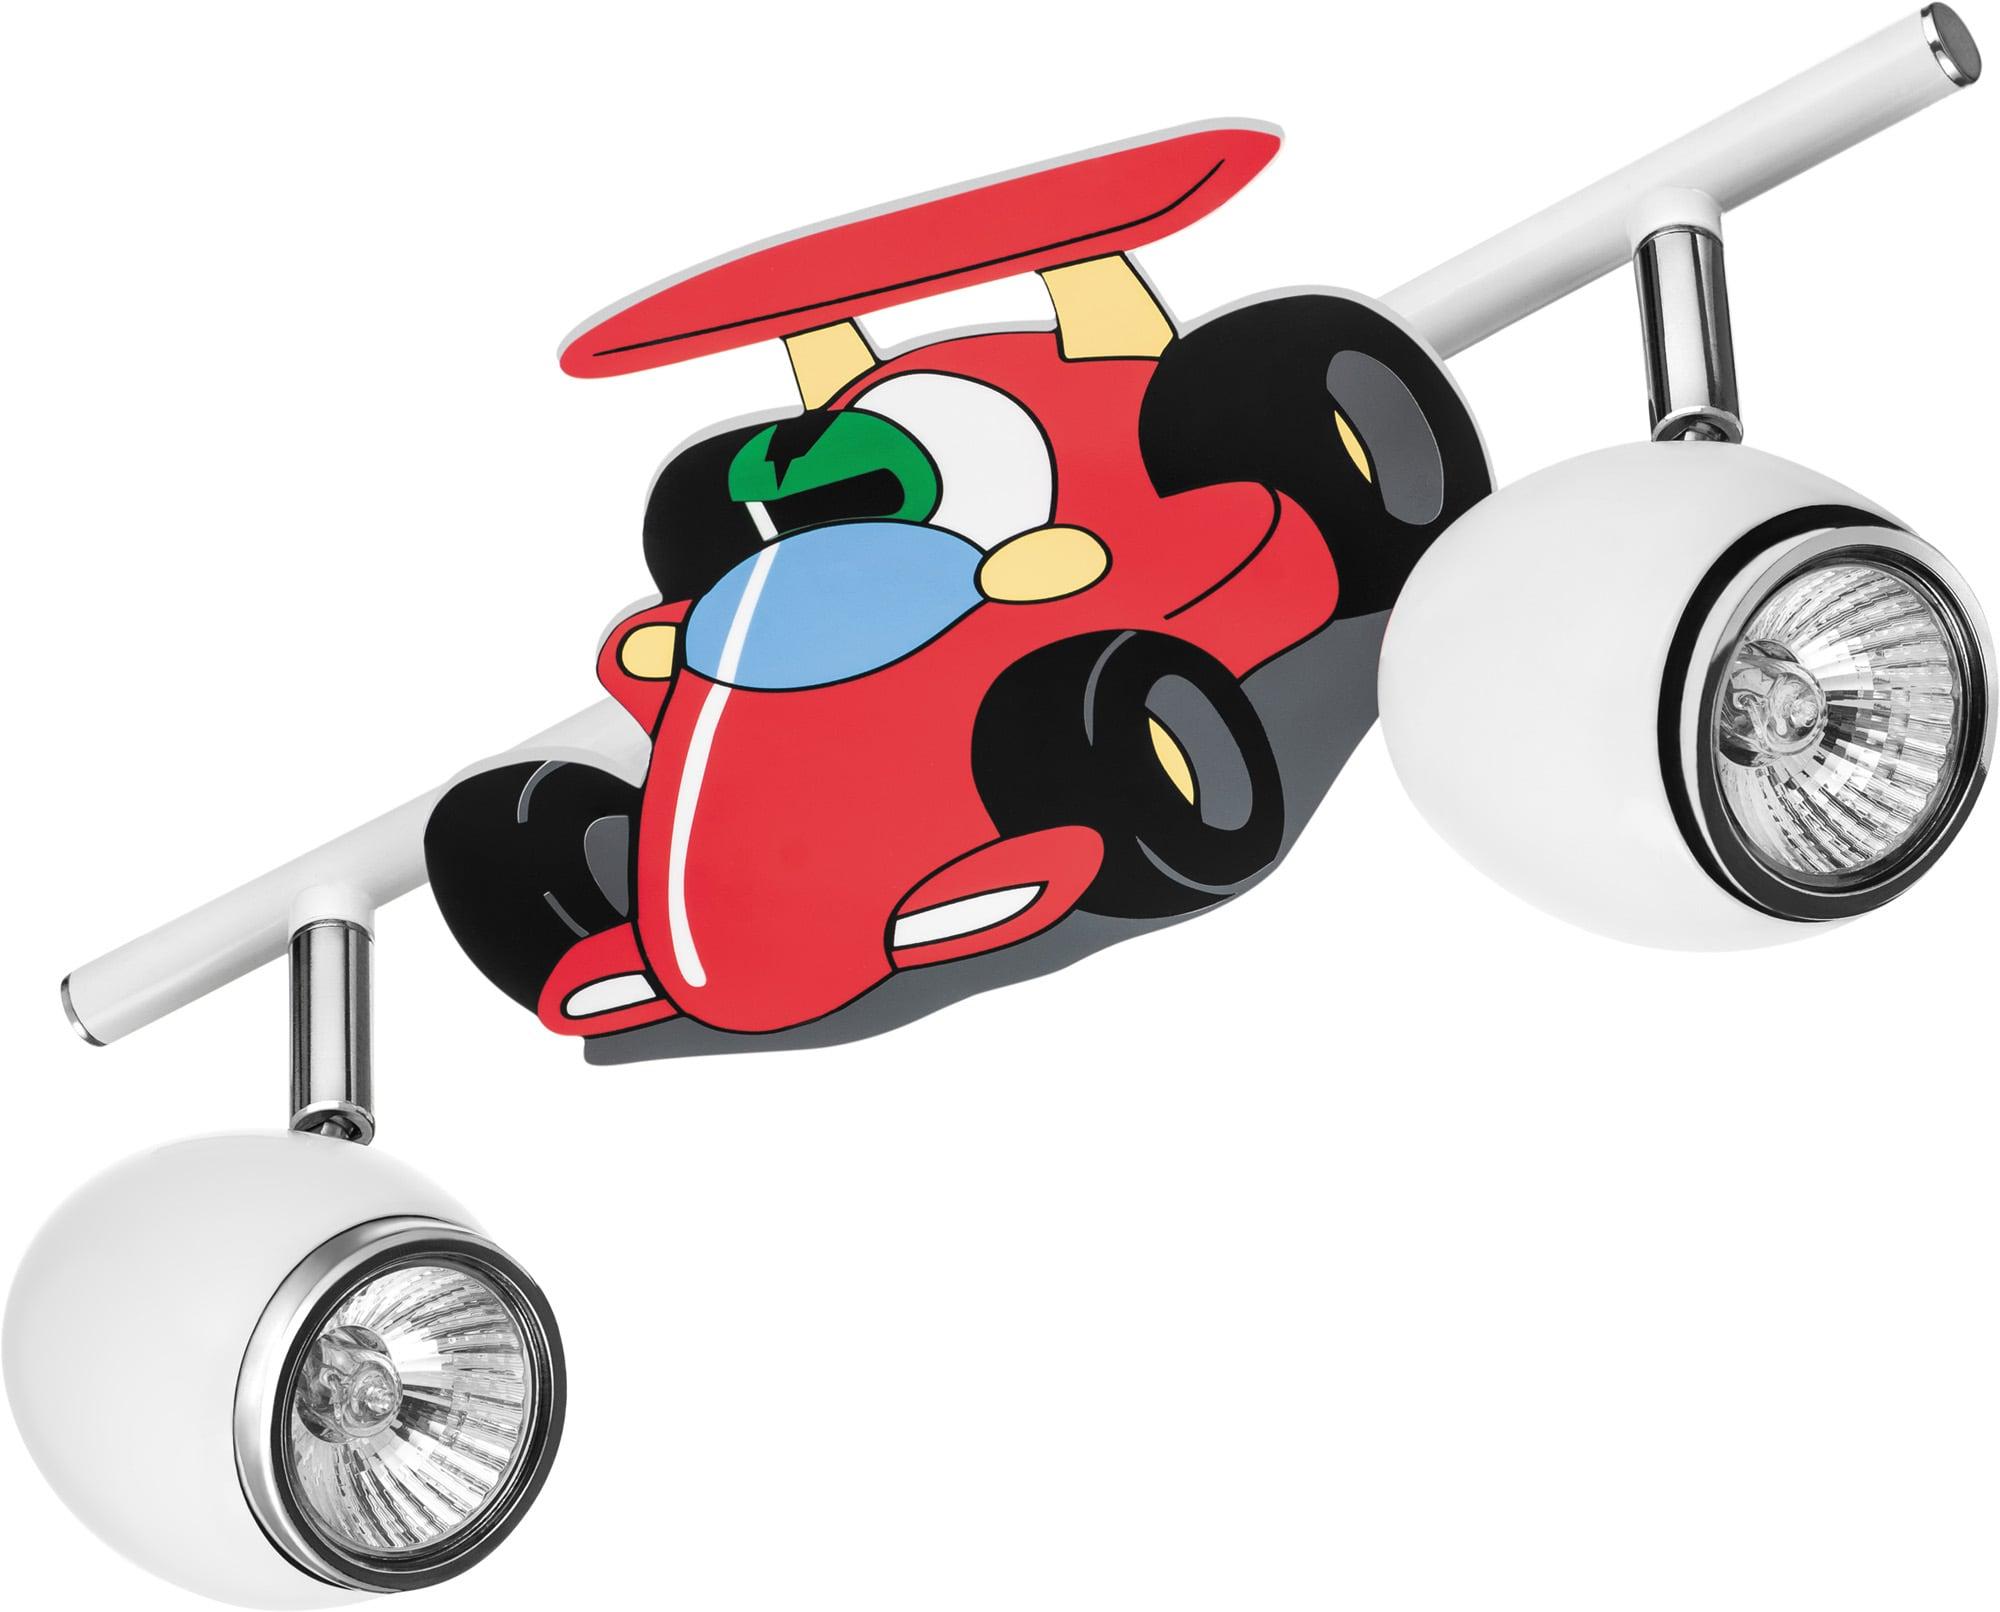 Lamp for a child Car wyscigówka - Car biały / chrom 2x50W GU10